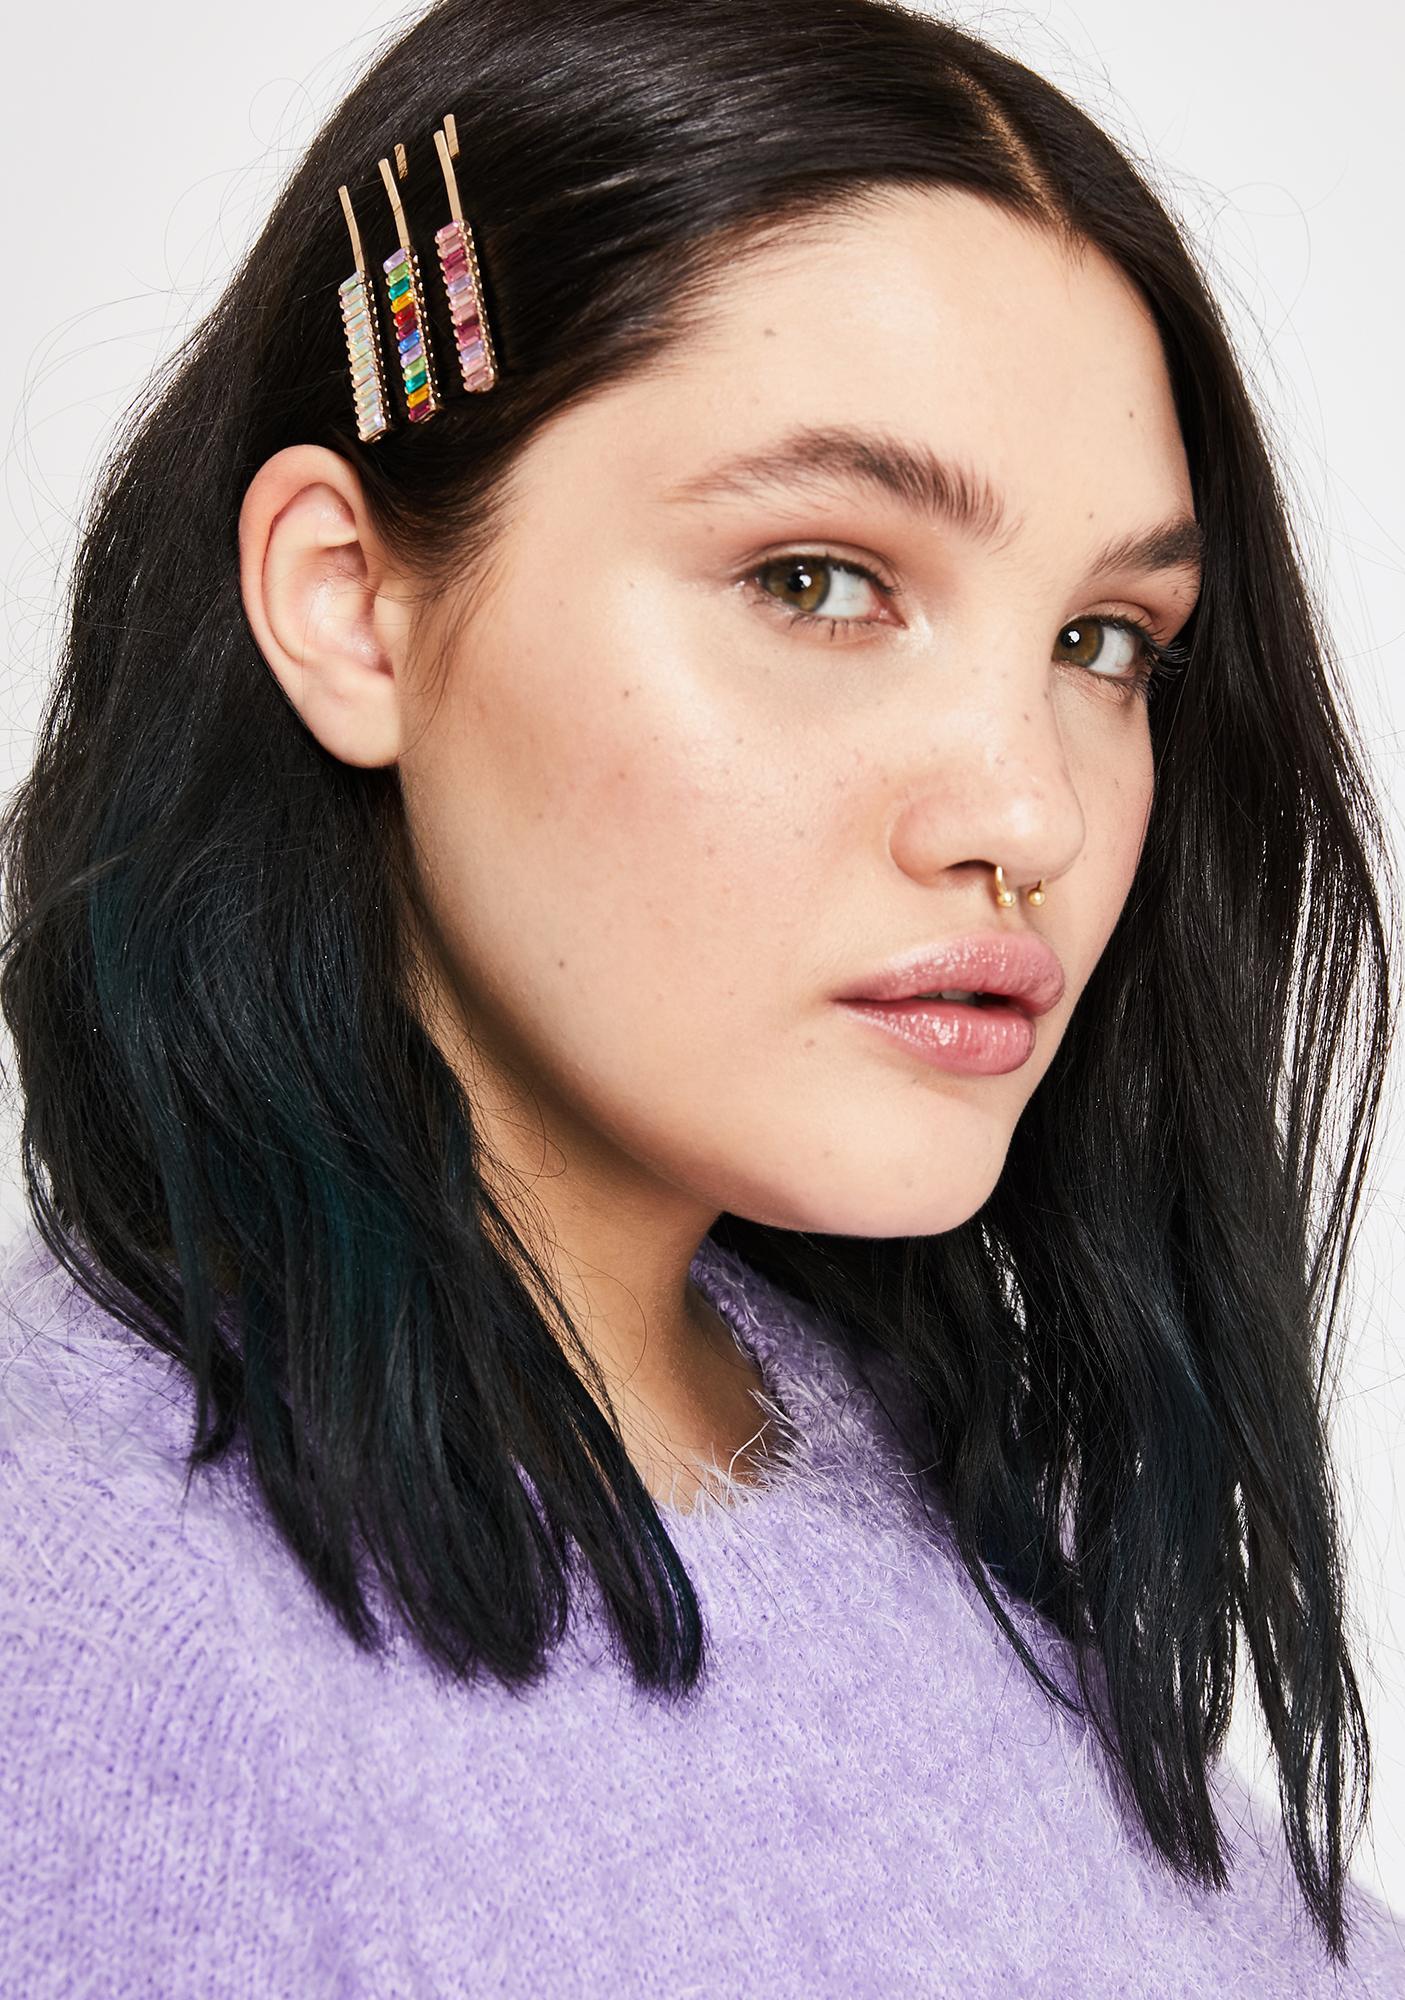 Hair Candy Clip Set